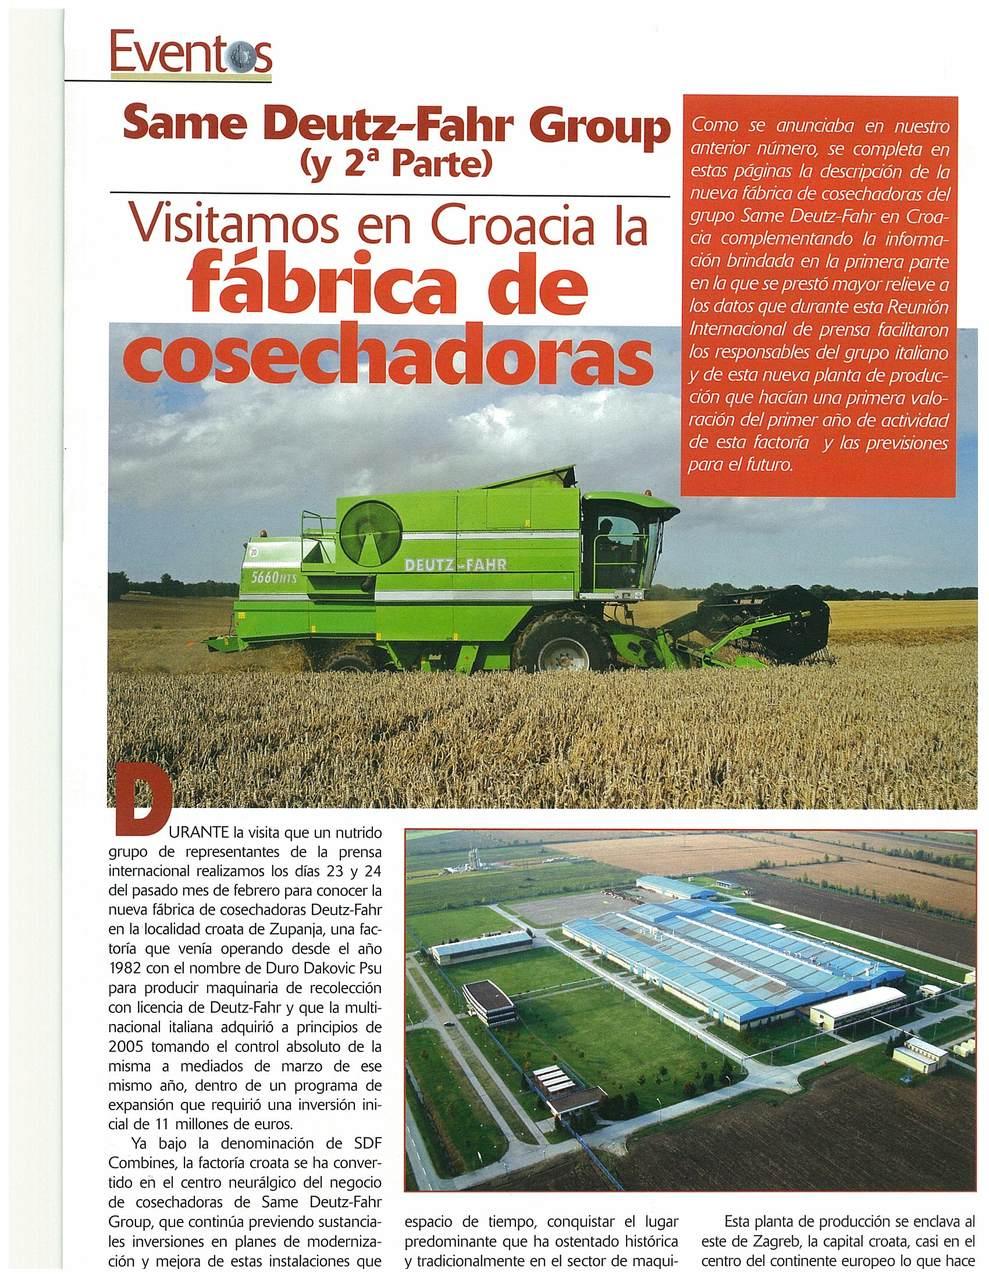 Visitamos en Croacia la fabrica de cosechadoras (2a parte)